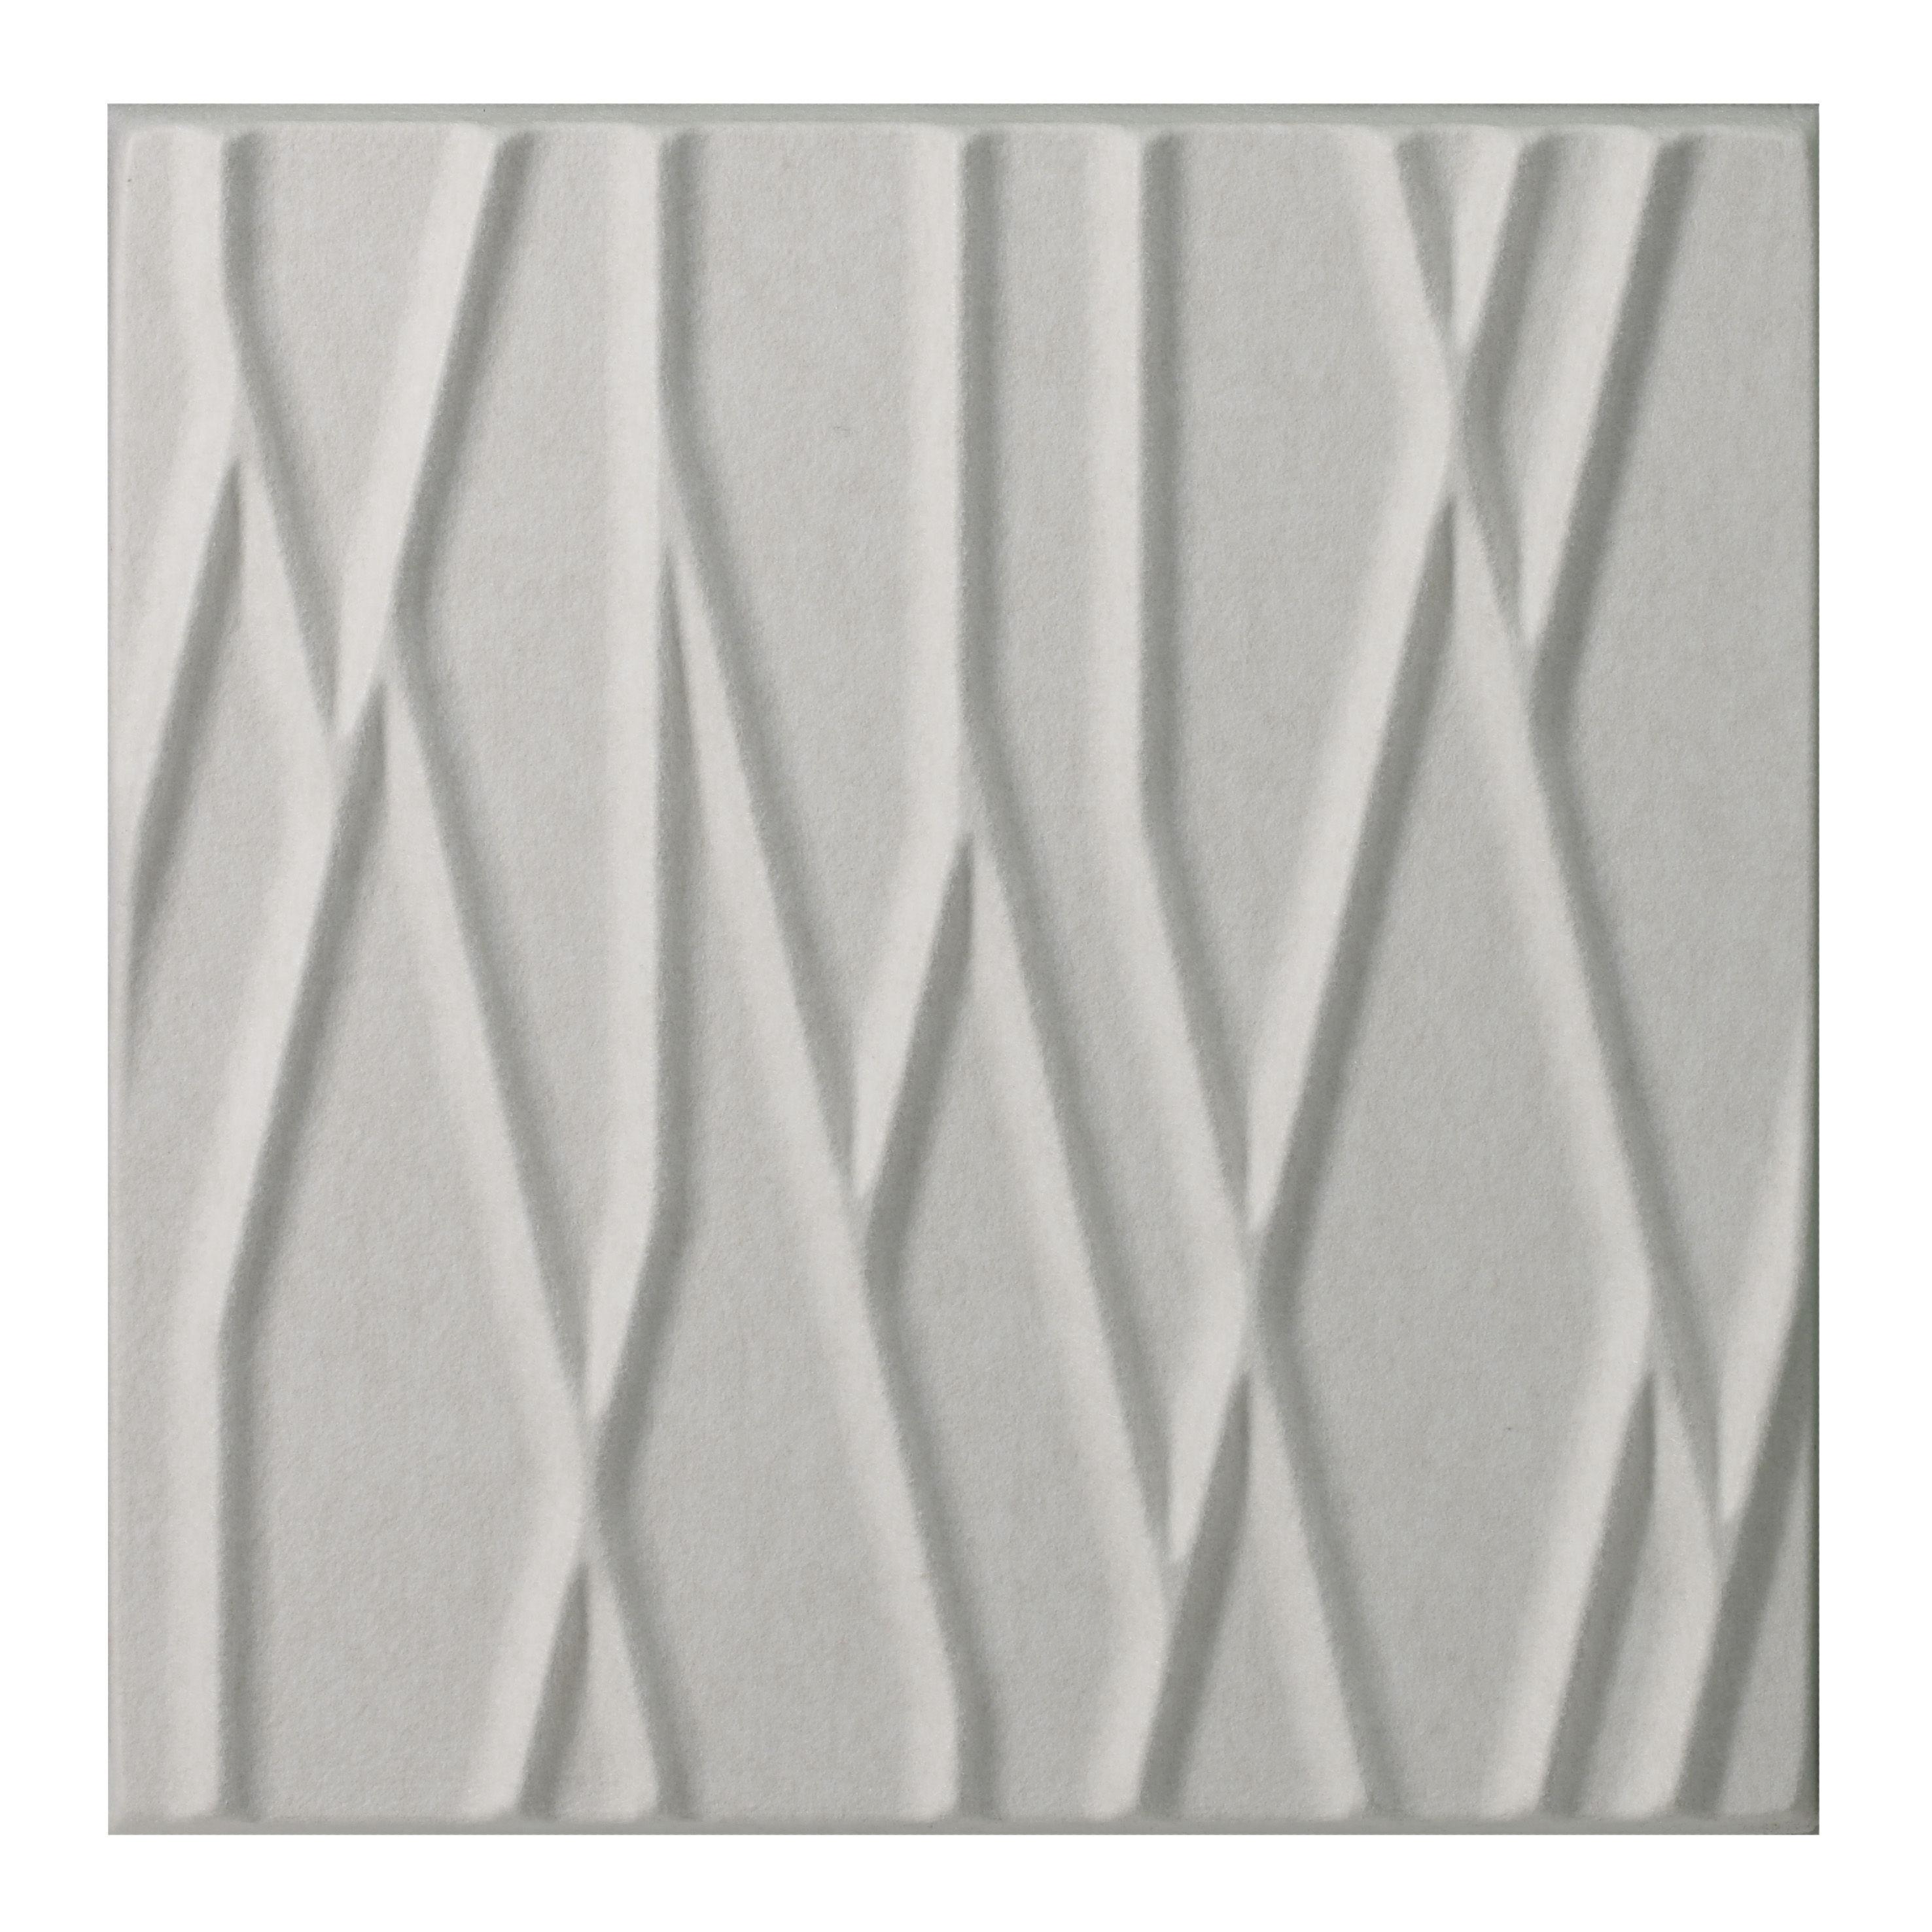 Mobilier - Paravents, séparations - Panneau acoustique mural Soundwave Botanic - Offecct - Blanc - Fibre de polyester, Laine